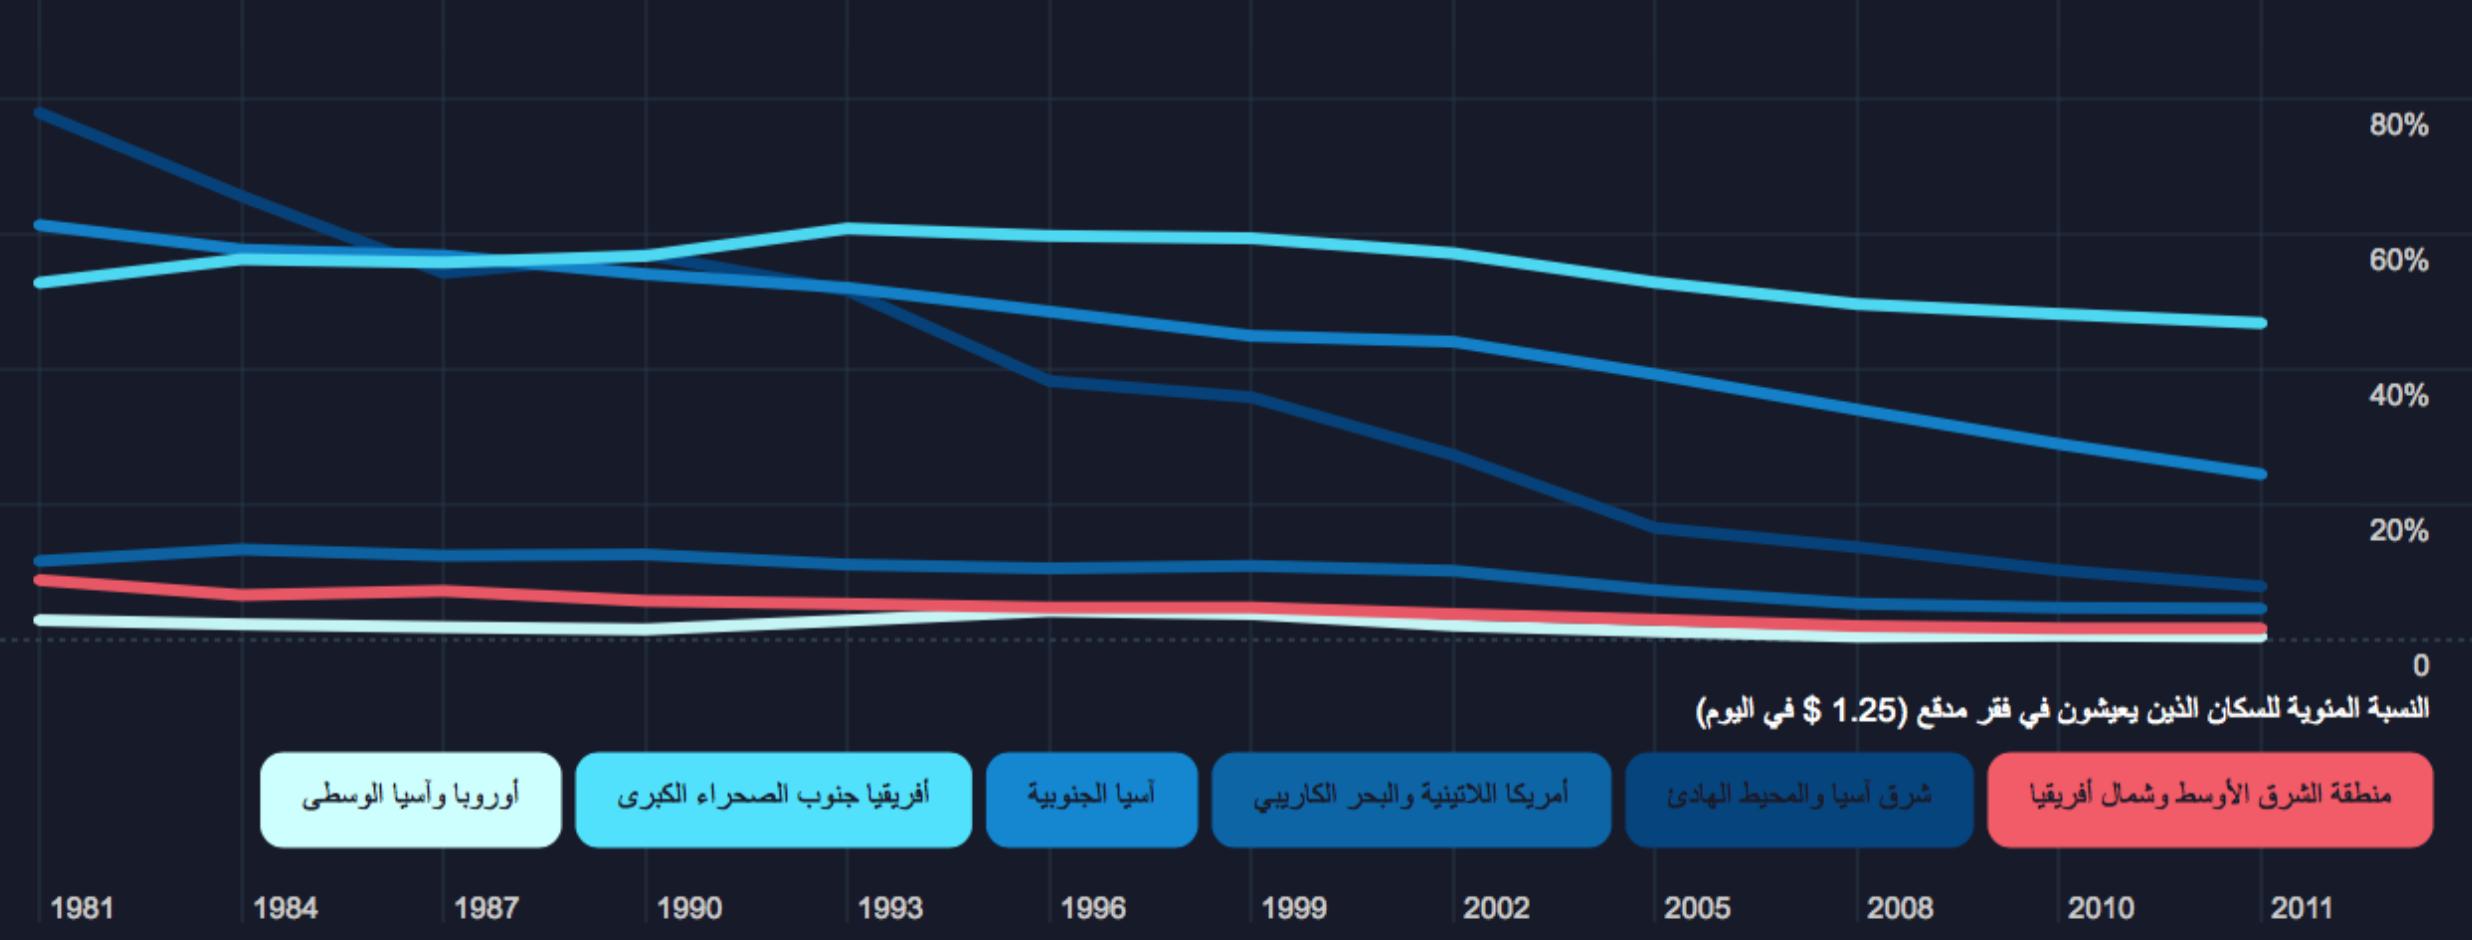 العقد الاجتماعي في العالم العربي - نسبة السكان الذين يعيشون في فقر